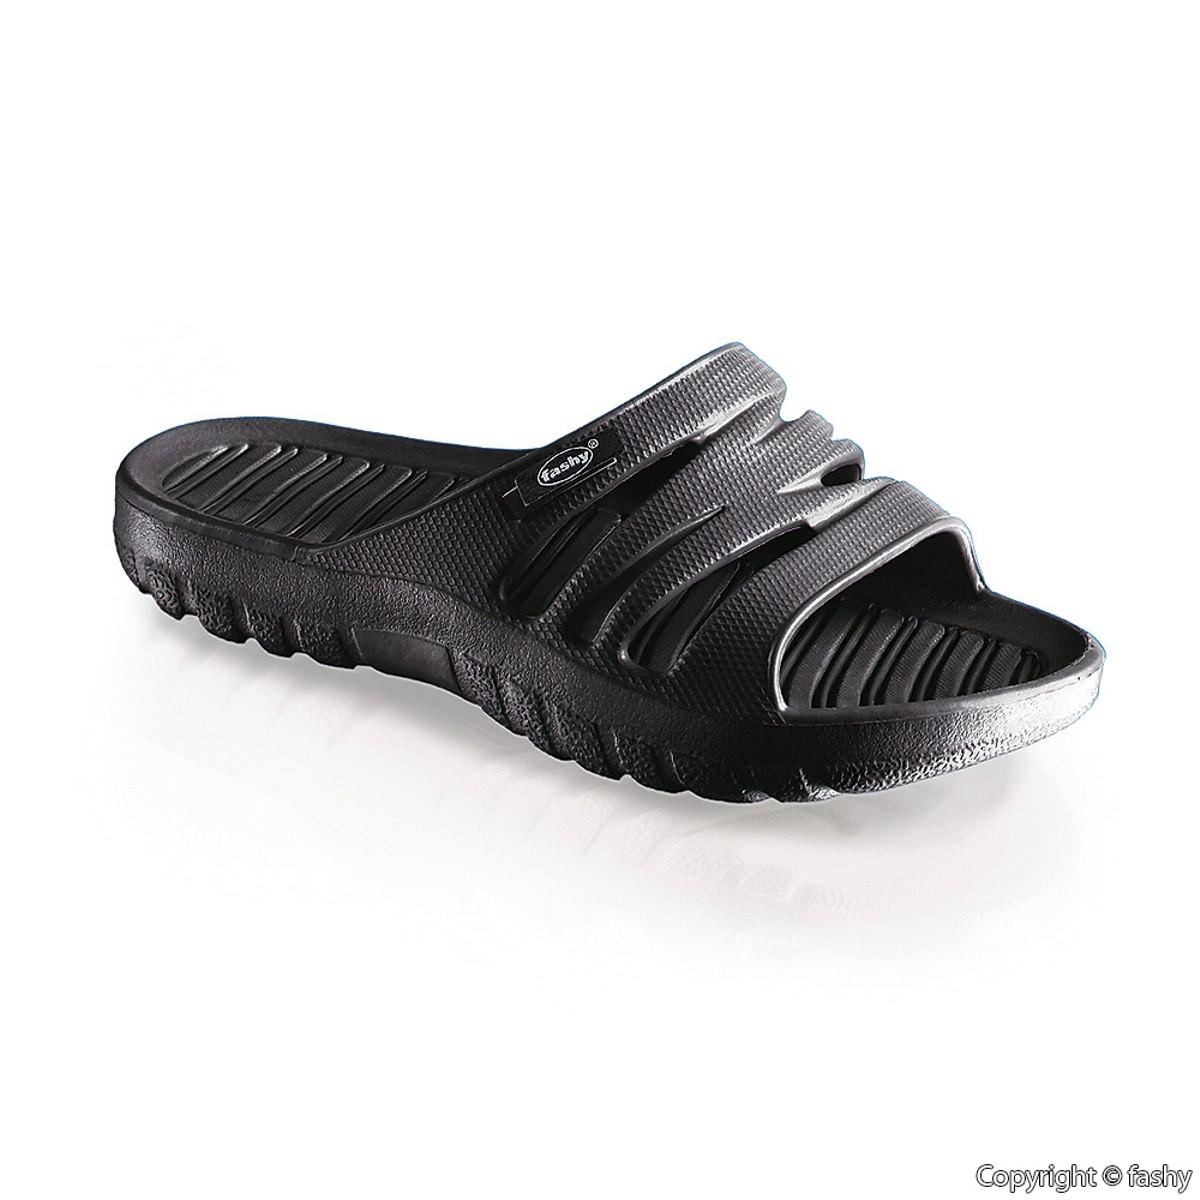 Zapatos ba arse accesorios para el ba o ocio vacaciones my food - Accesorios para catering ...